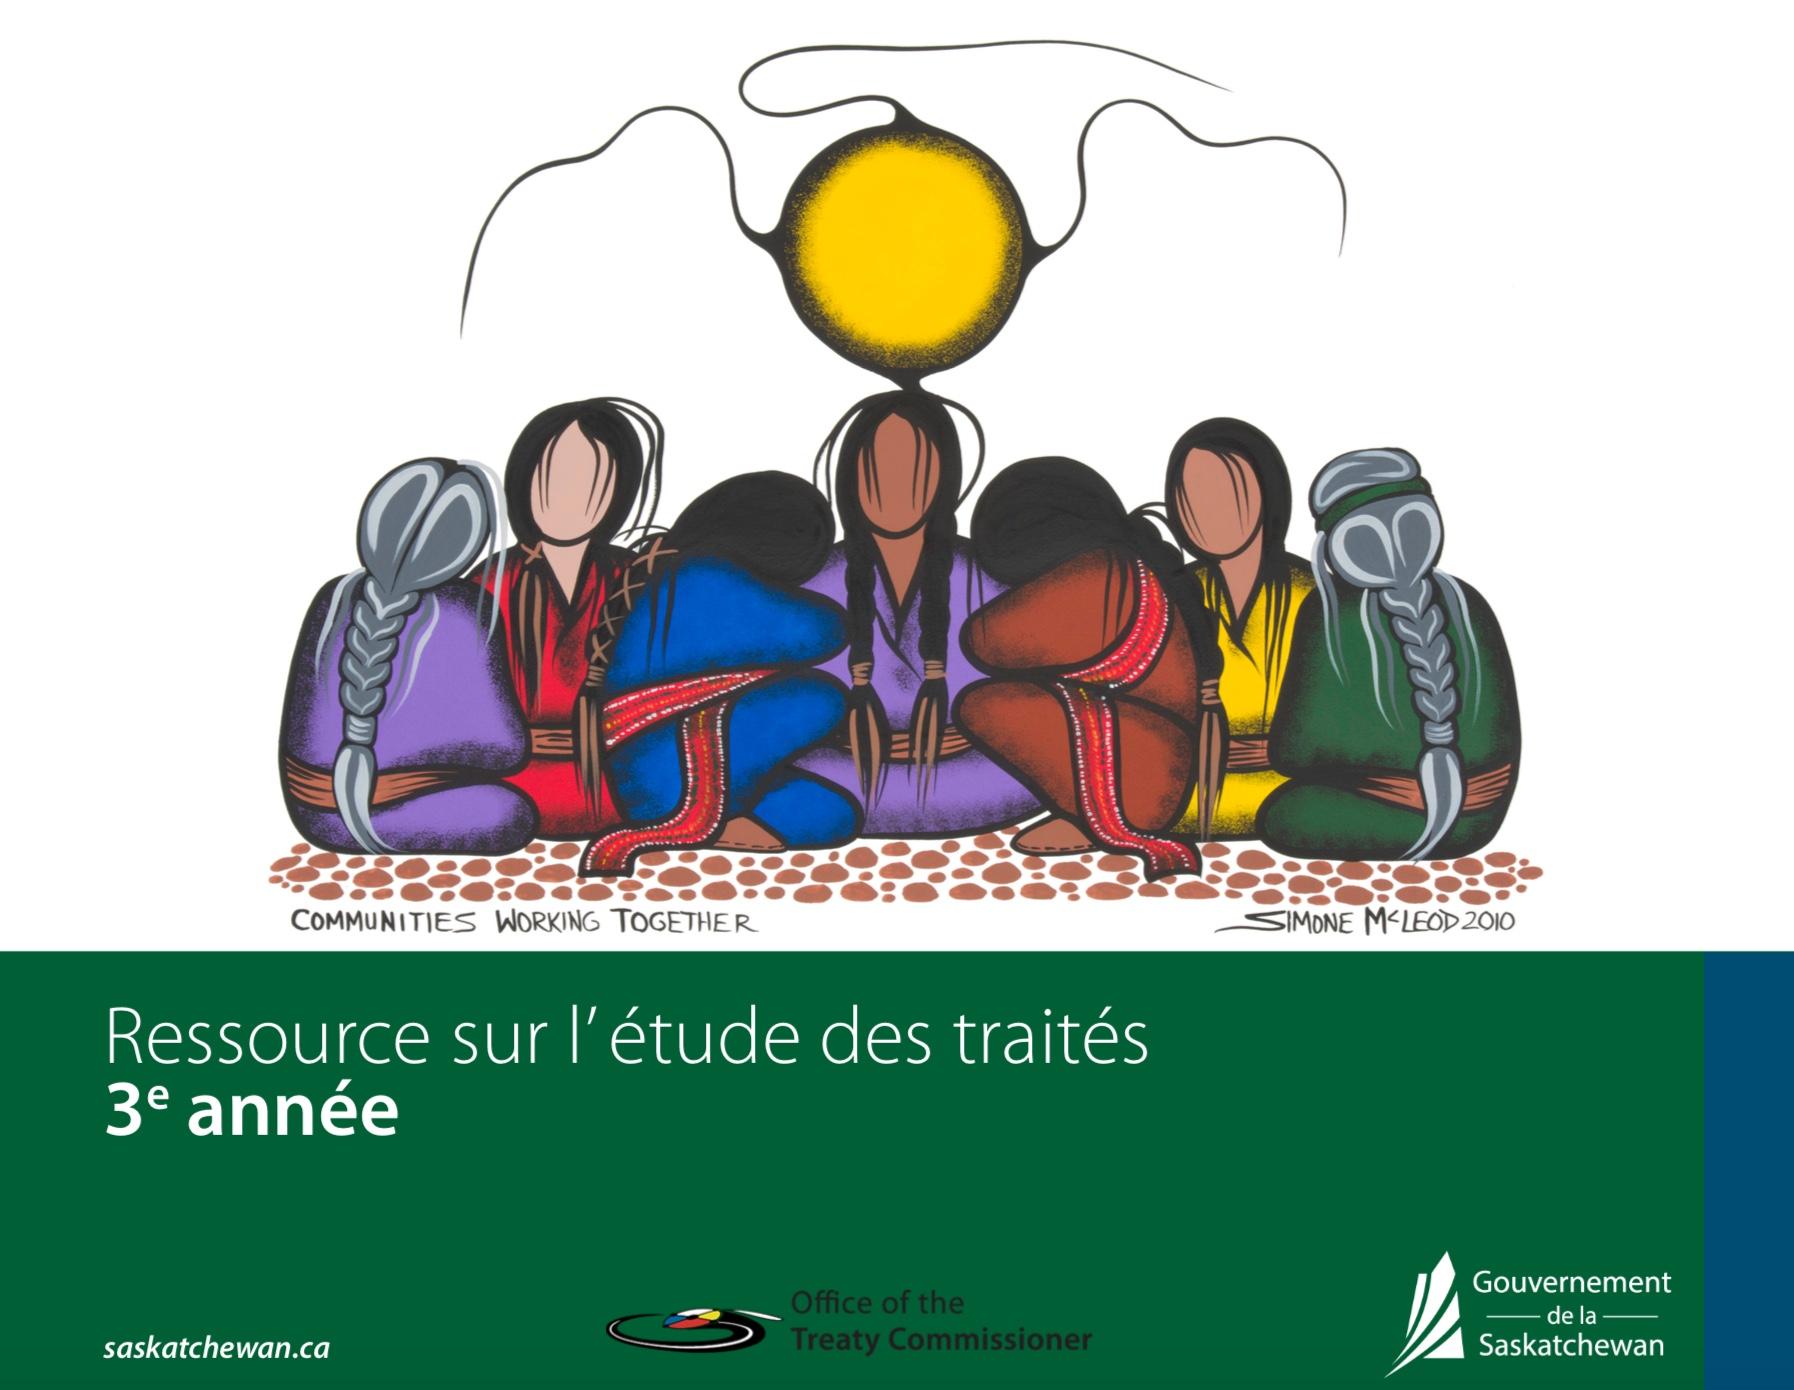 Ressource sur l' étude des traités - 3e année